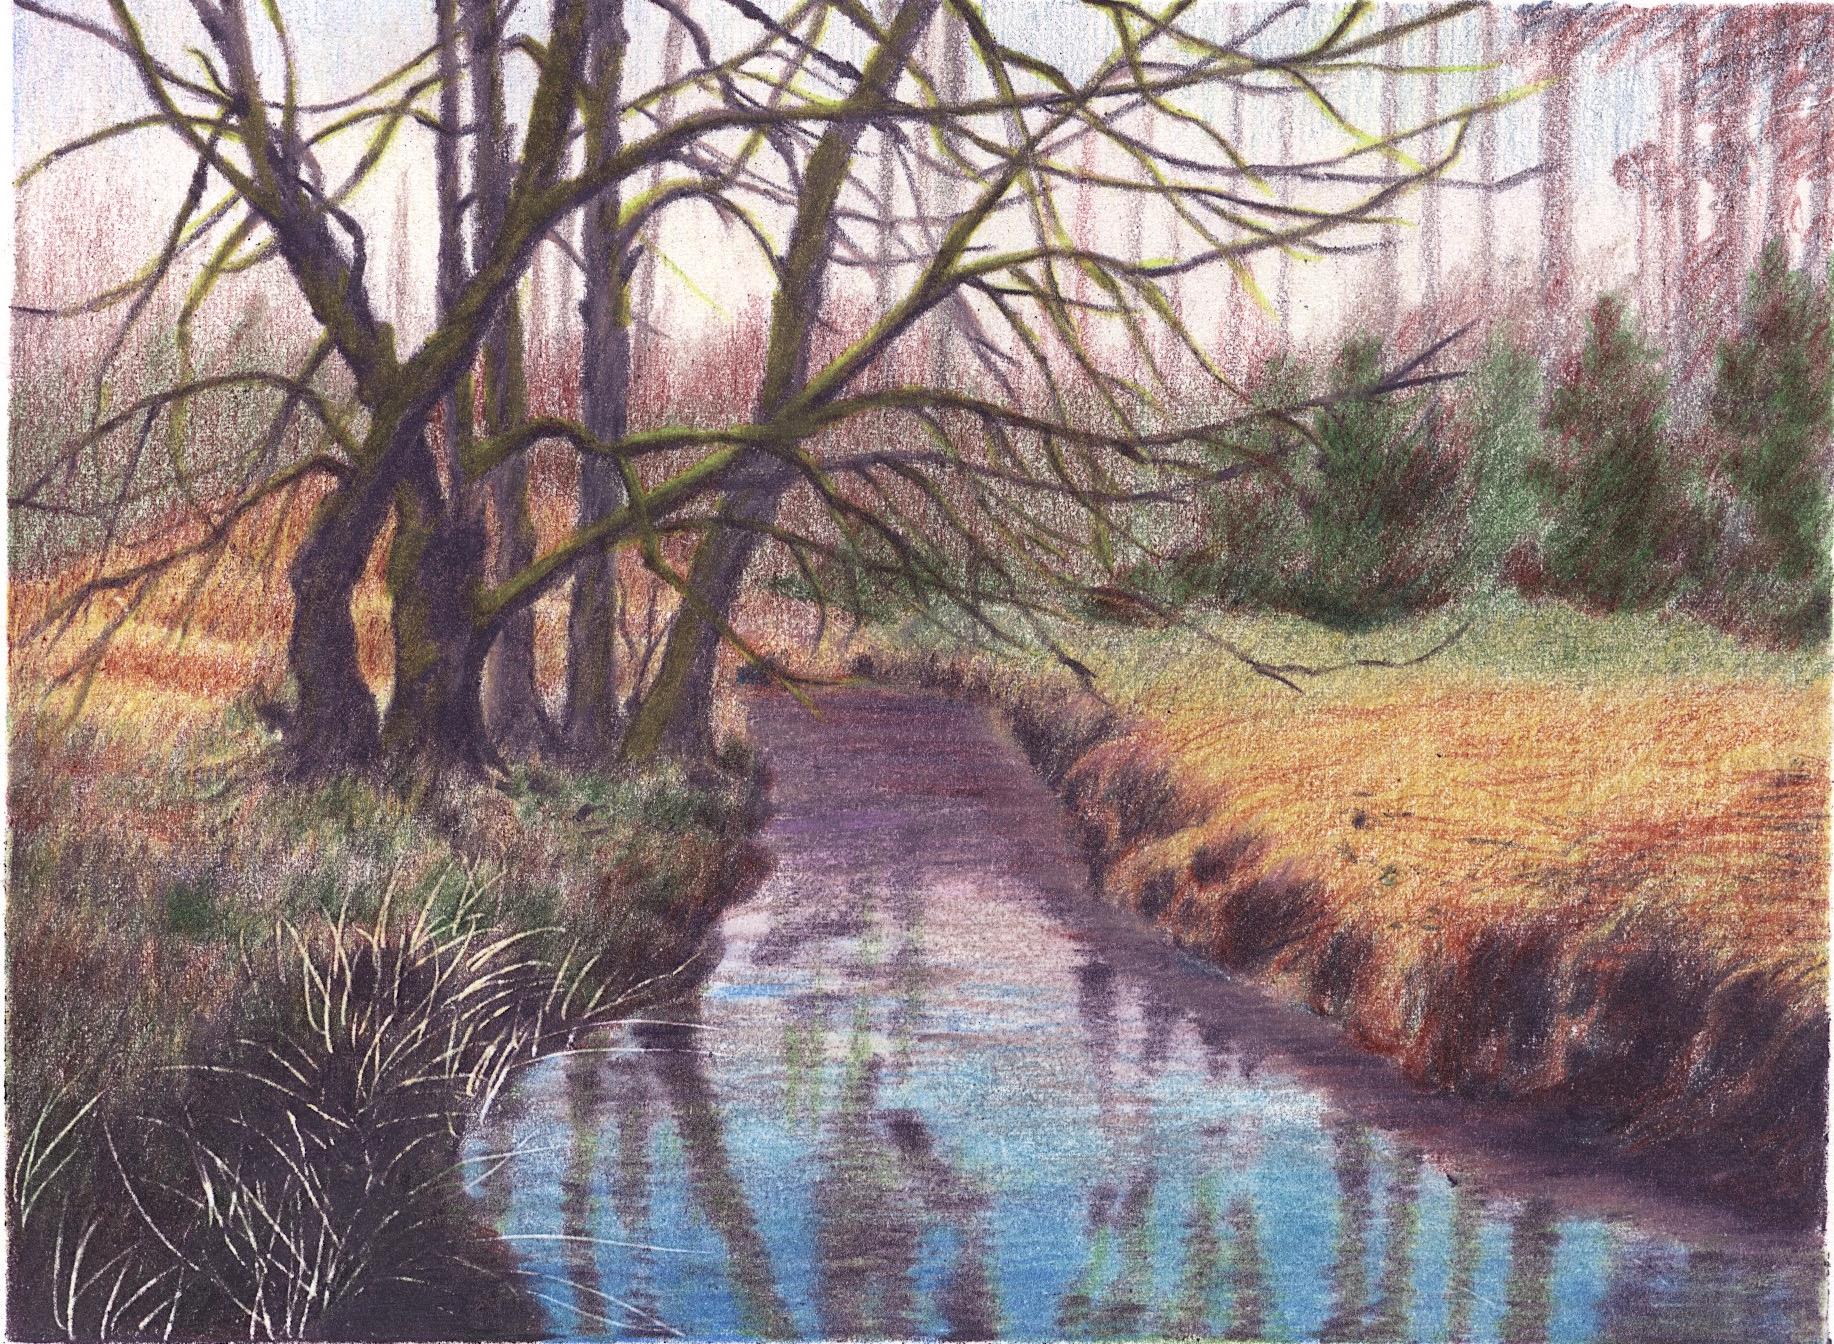 彩铅河边风景|纯艺术|彩铅|gogobnj - 原创作品图片